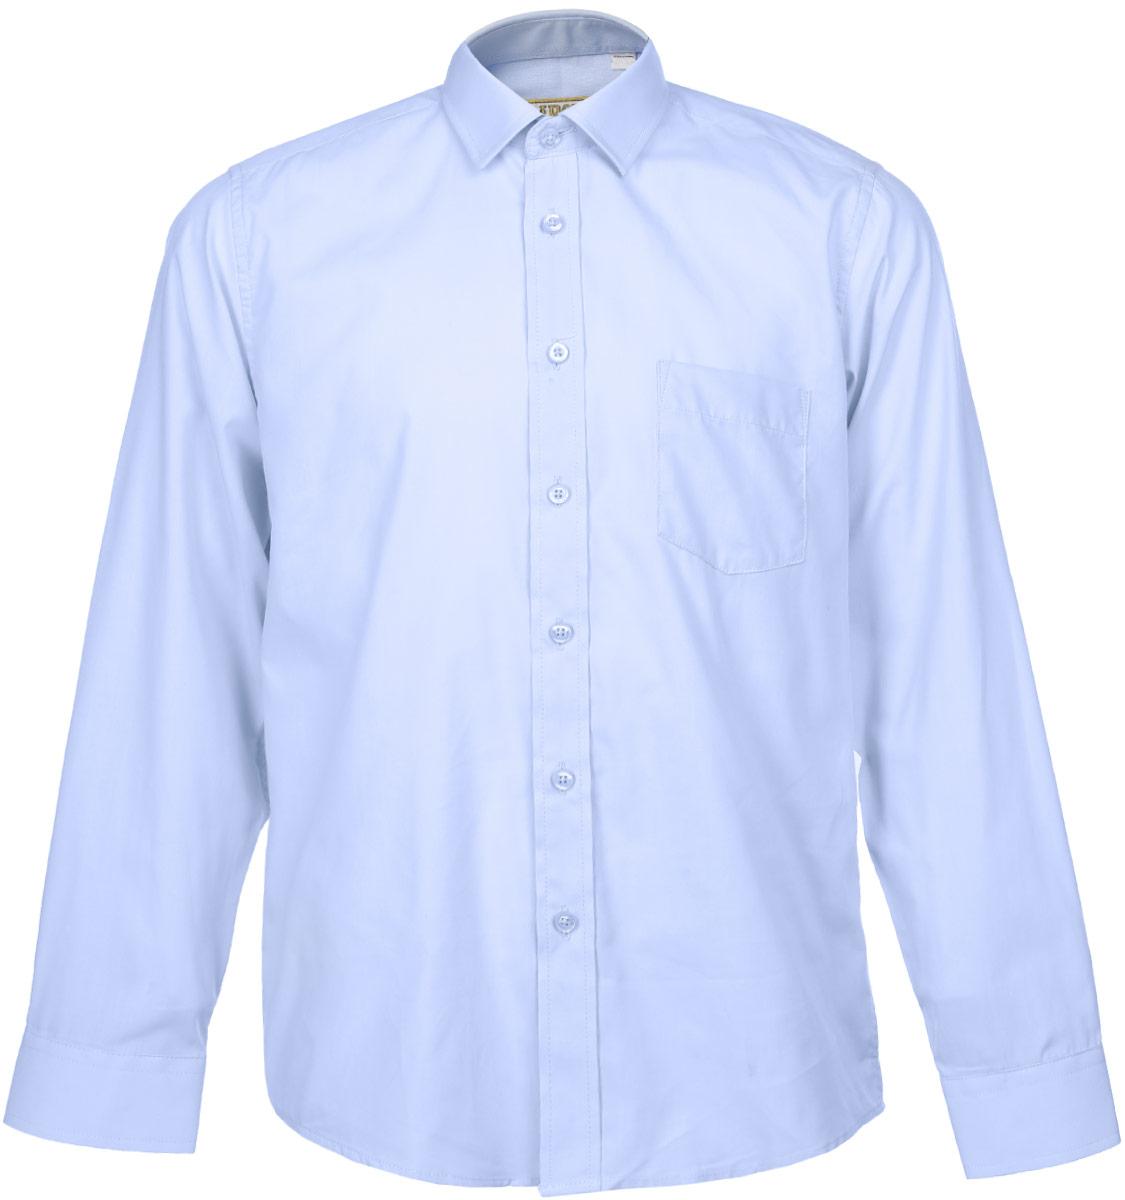 Рубашка для мальчика Tsarevich, цвет: голубой. Dream Blue. Размер 30/122-128, 7-8 летDream BlueСтильная рубашка для мальчика Tsarevich идеально подойдет для школы. Изготовленная из хлопка с добавлением полиэстера, она необычайно мягкая, легкая и приятная на ощупь, не сковывает движения и позволяет коже дышать, не раздражает даже самую нежную и чувствительную кожу ребенка, обеспечивая ему наибольший комфорт. Рубашка классического кроя с длинными рукавами и отложным воротничком застегивается на пуговицы, на груди она дополнена небольшим накладным кармашком. Рукава имеют широкие манжеты, также застегивающиеся на пуговицу.Такая рубашка - незаменимая вещь для школьной формы, отлично сочетается с брюками, жилетами и пиджаками.